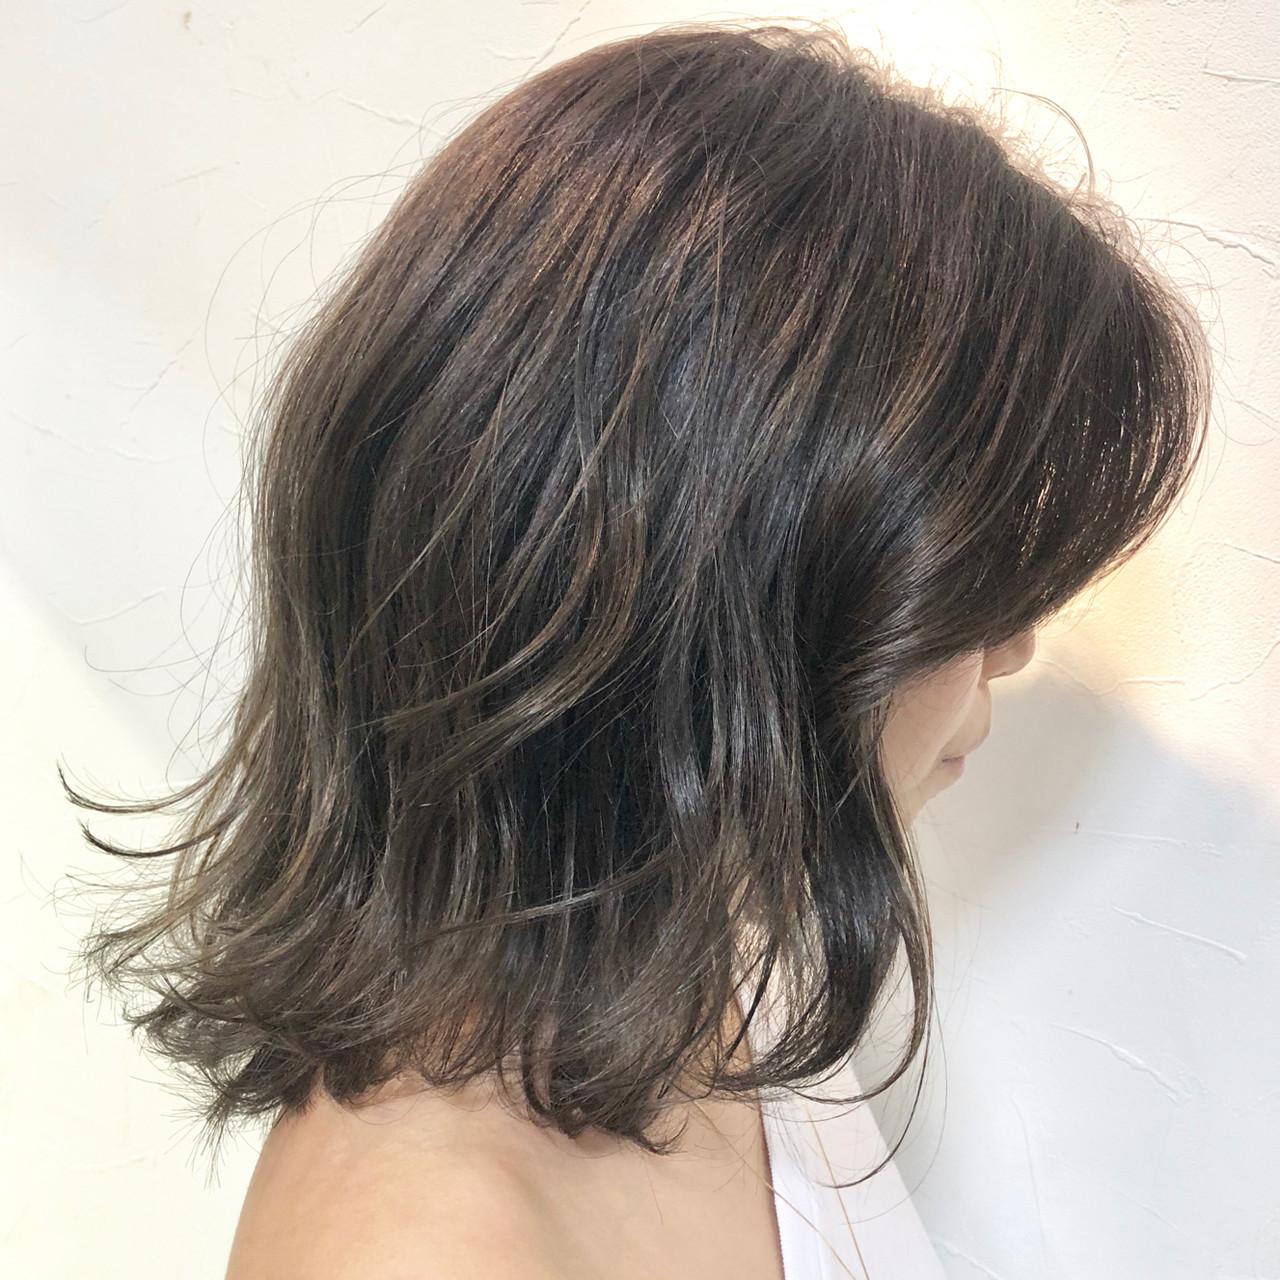 パーマ オフィス アンニュイほつれヘア デート ヘアスタイルや髪型の写真・画像